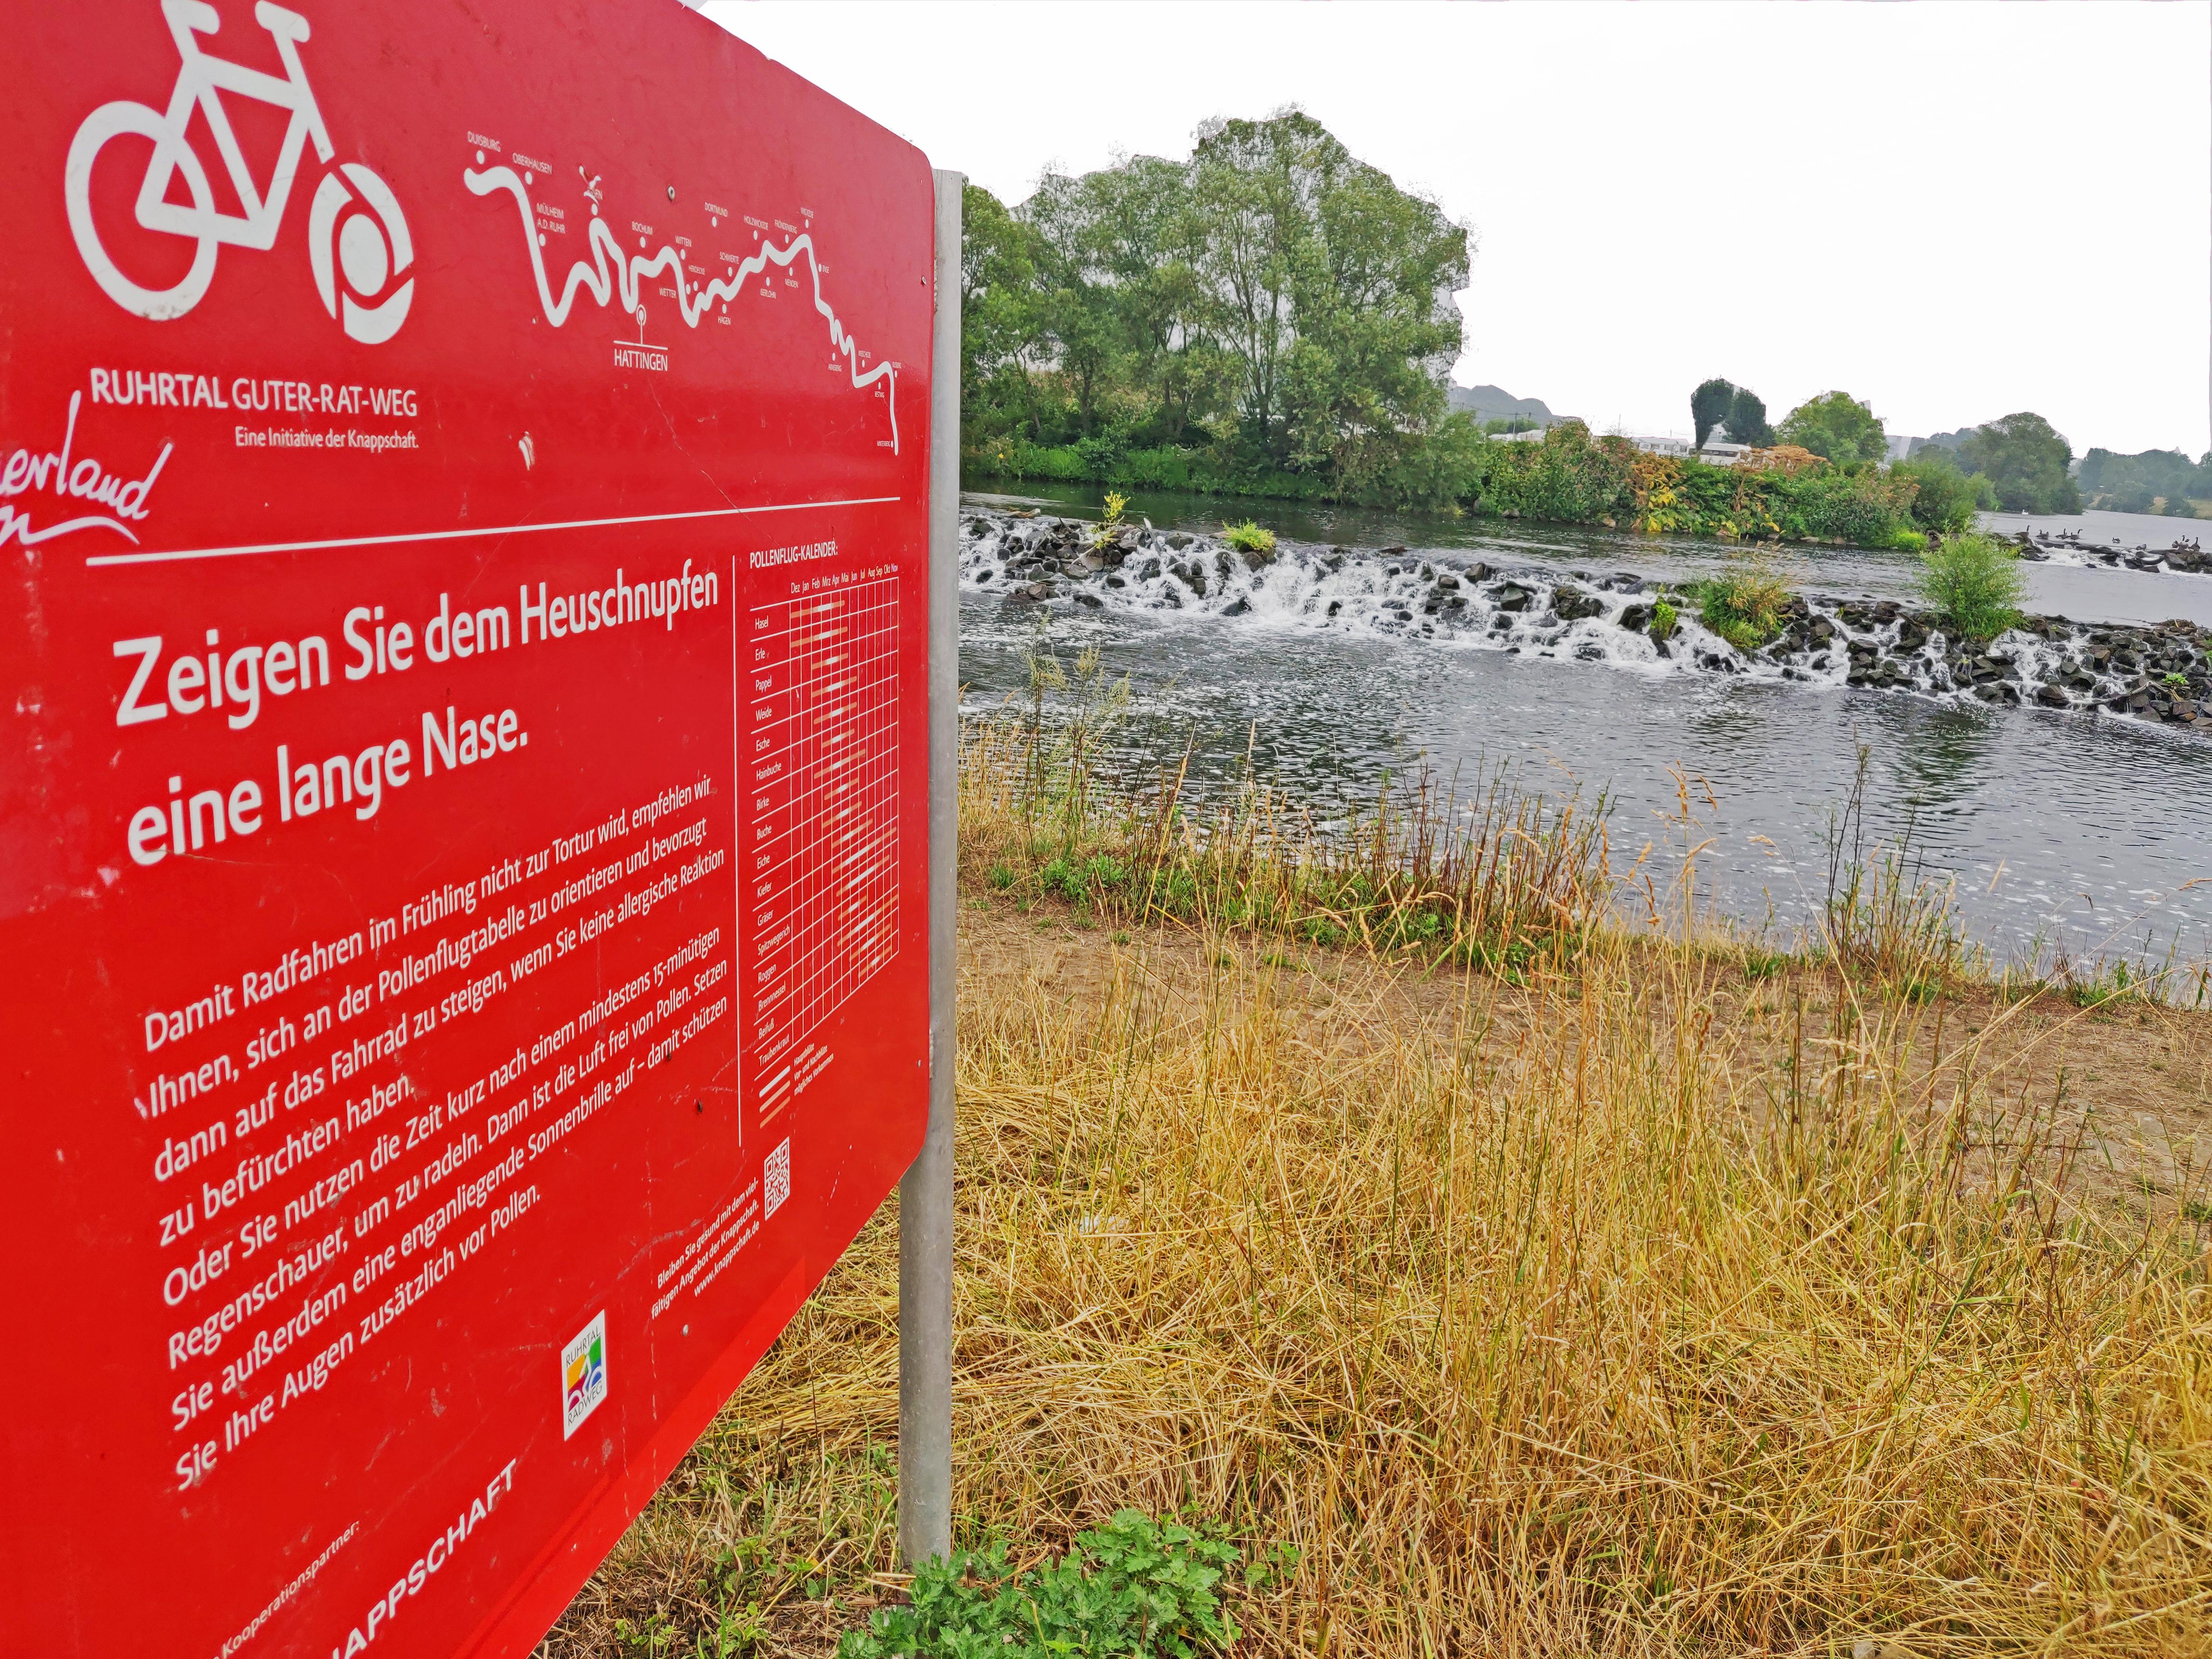 Das Bild zeigt eine Infotafel am Guter-Rat-Weg in Hattingen